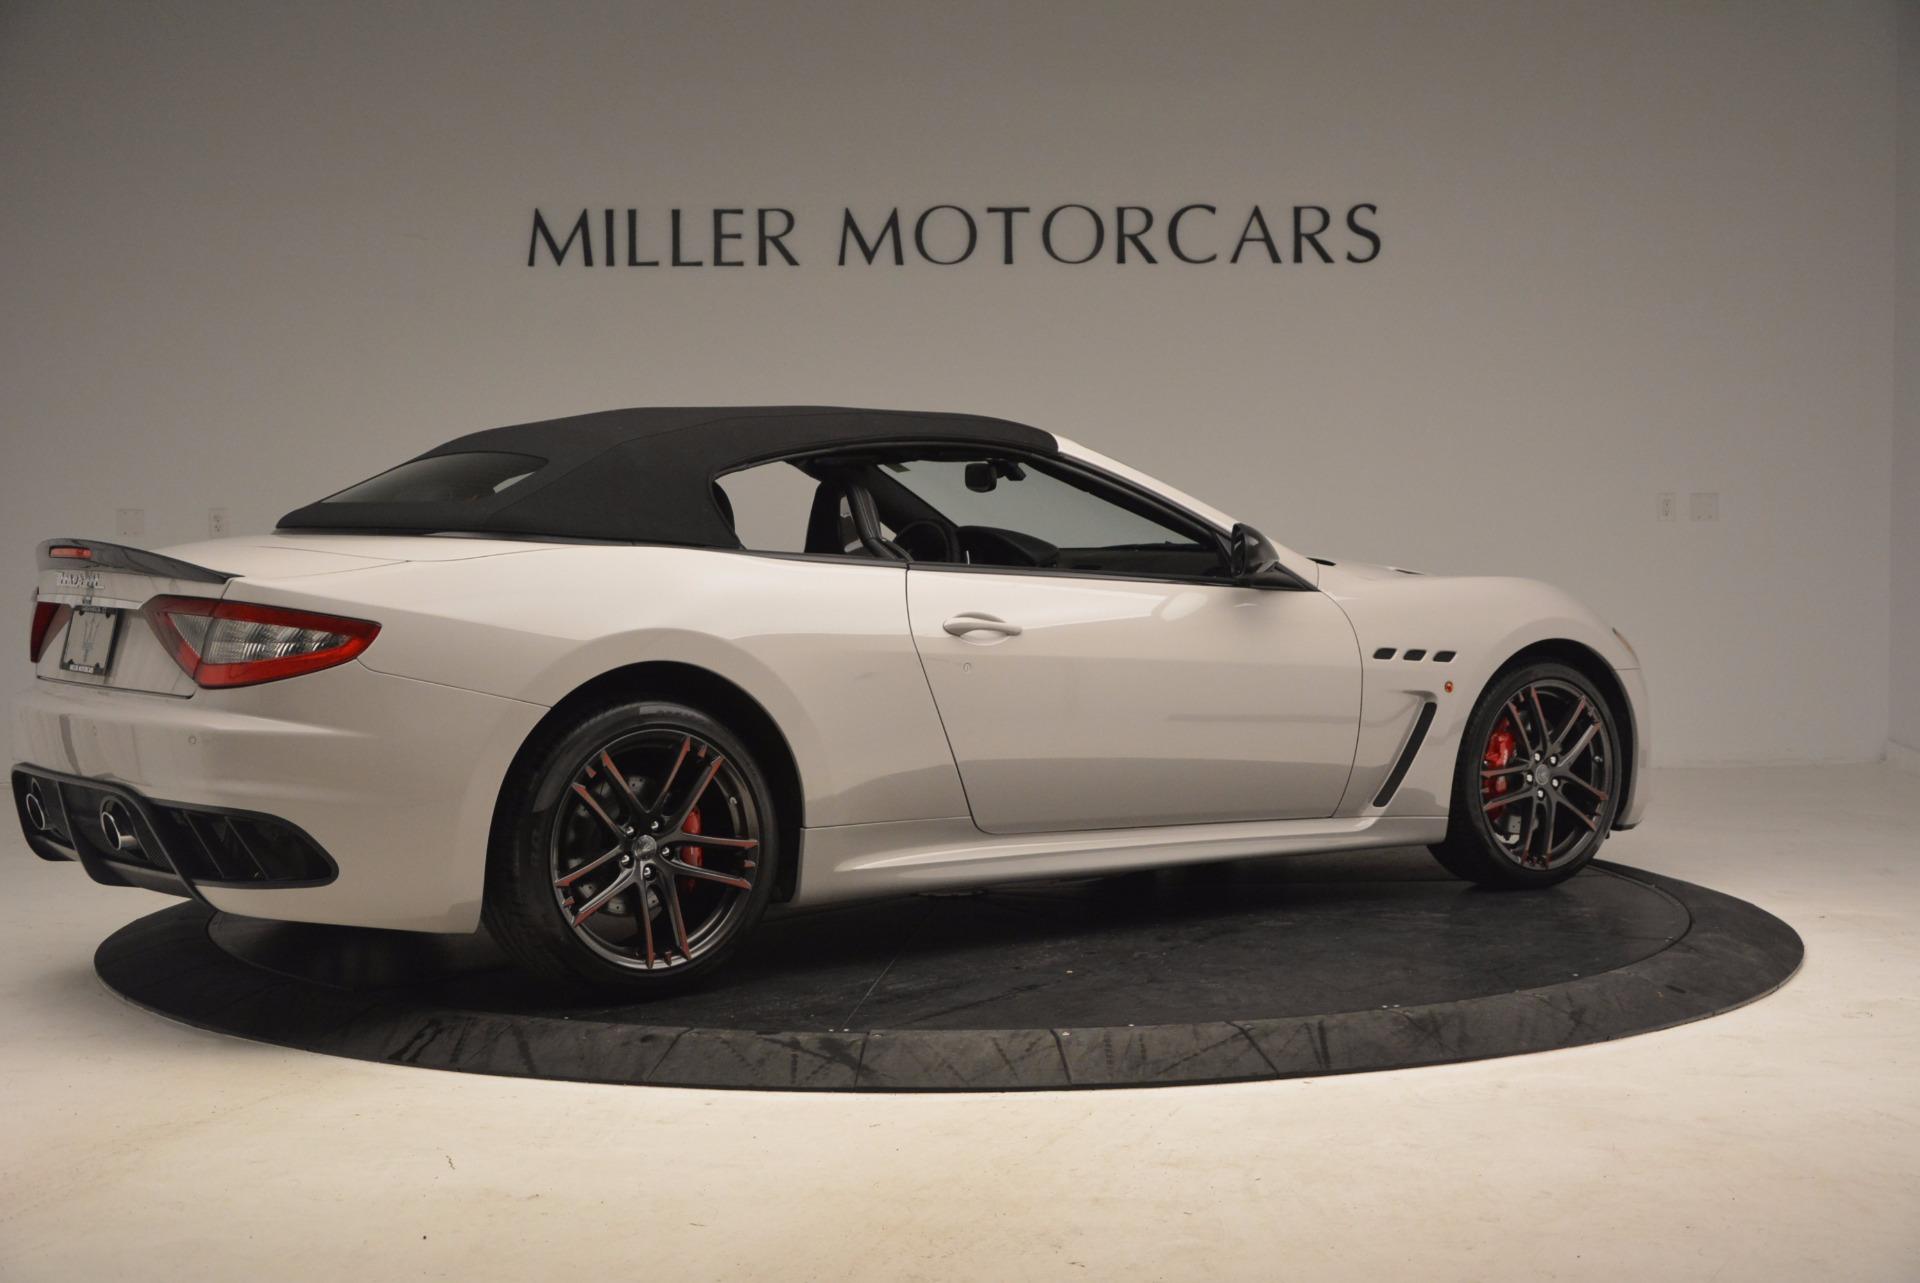 Used 2015 Maserati GranTurismo MC Centennial For Sale In Greenwich, CT 1107_p20